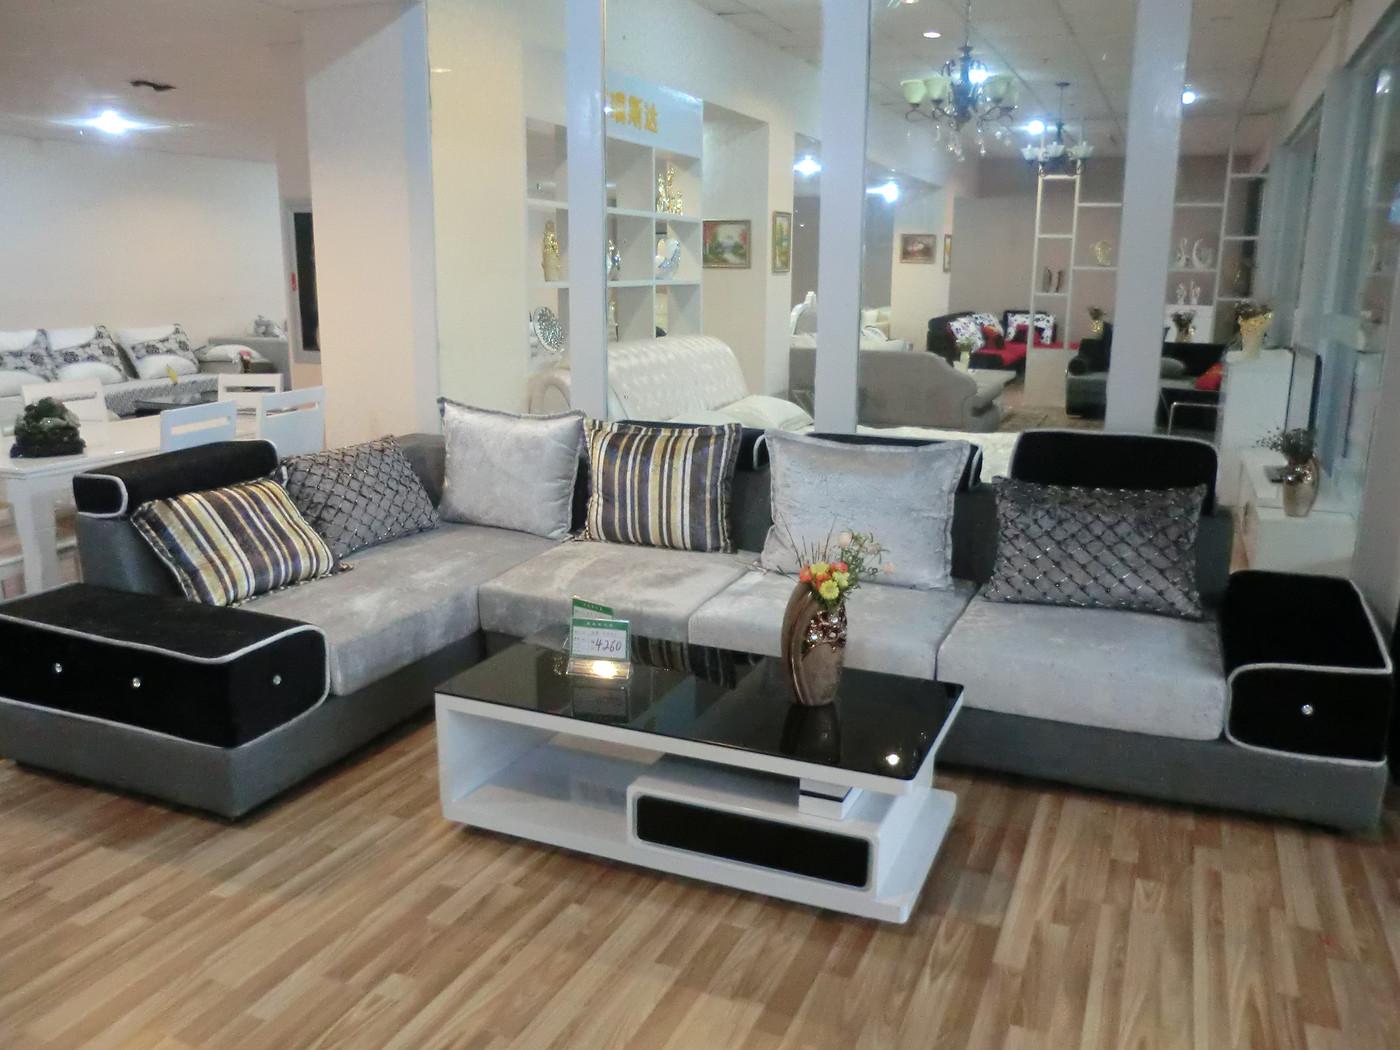 沙发品牌有哪些  沙发品牌排行榜